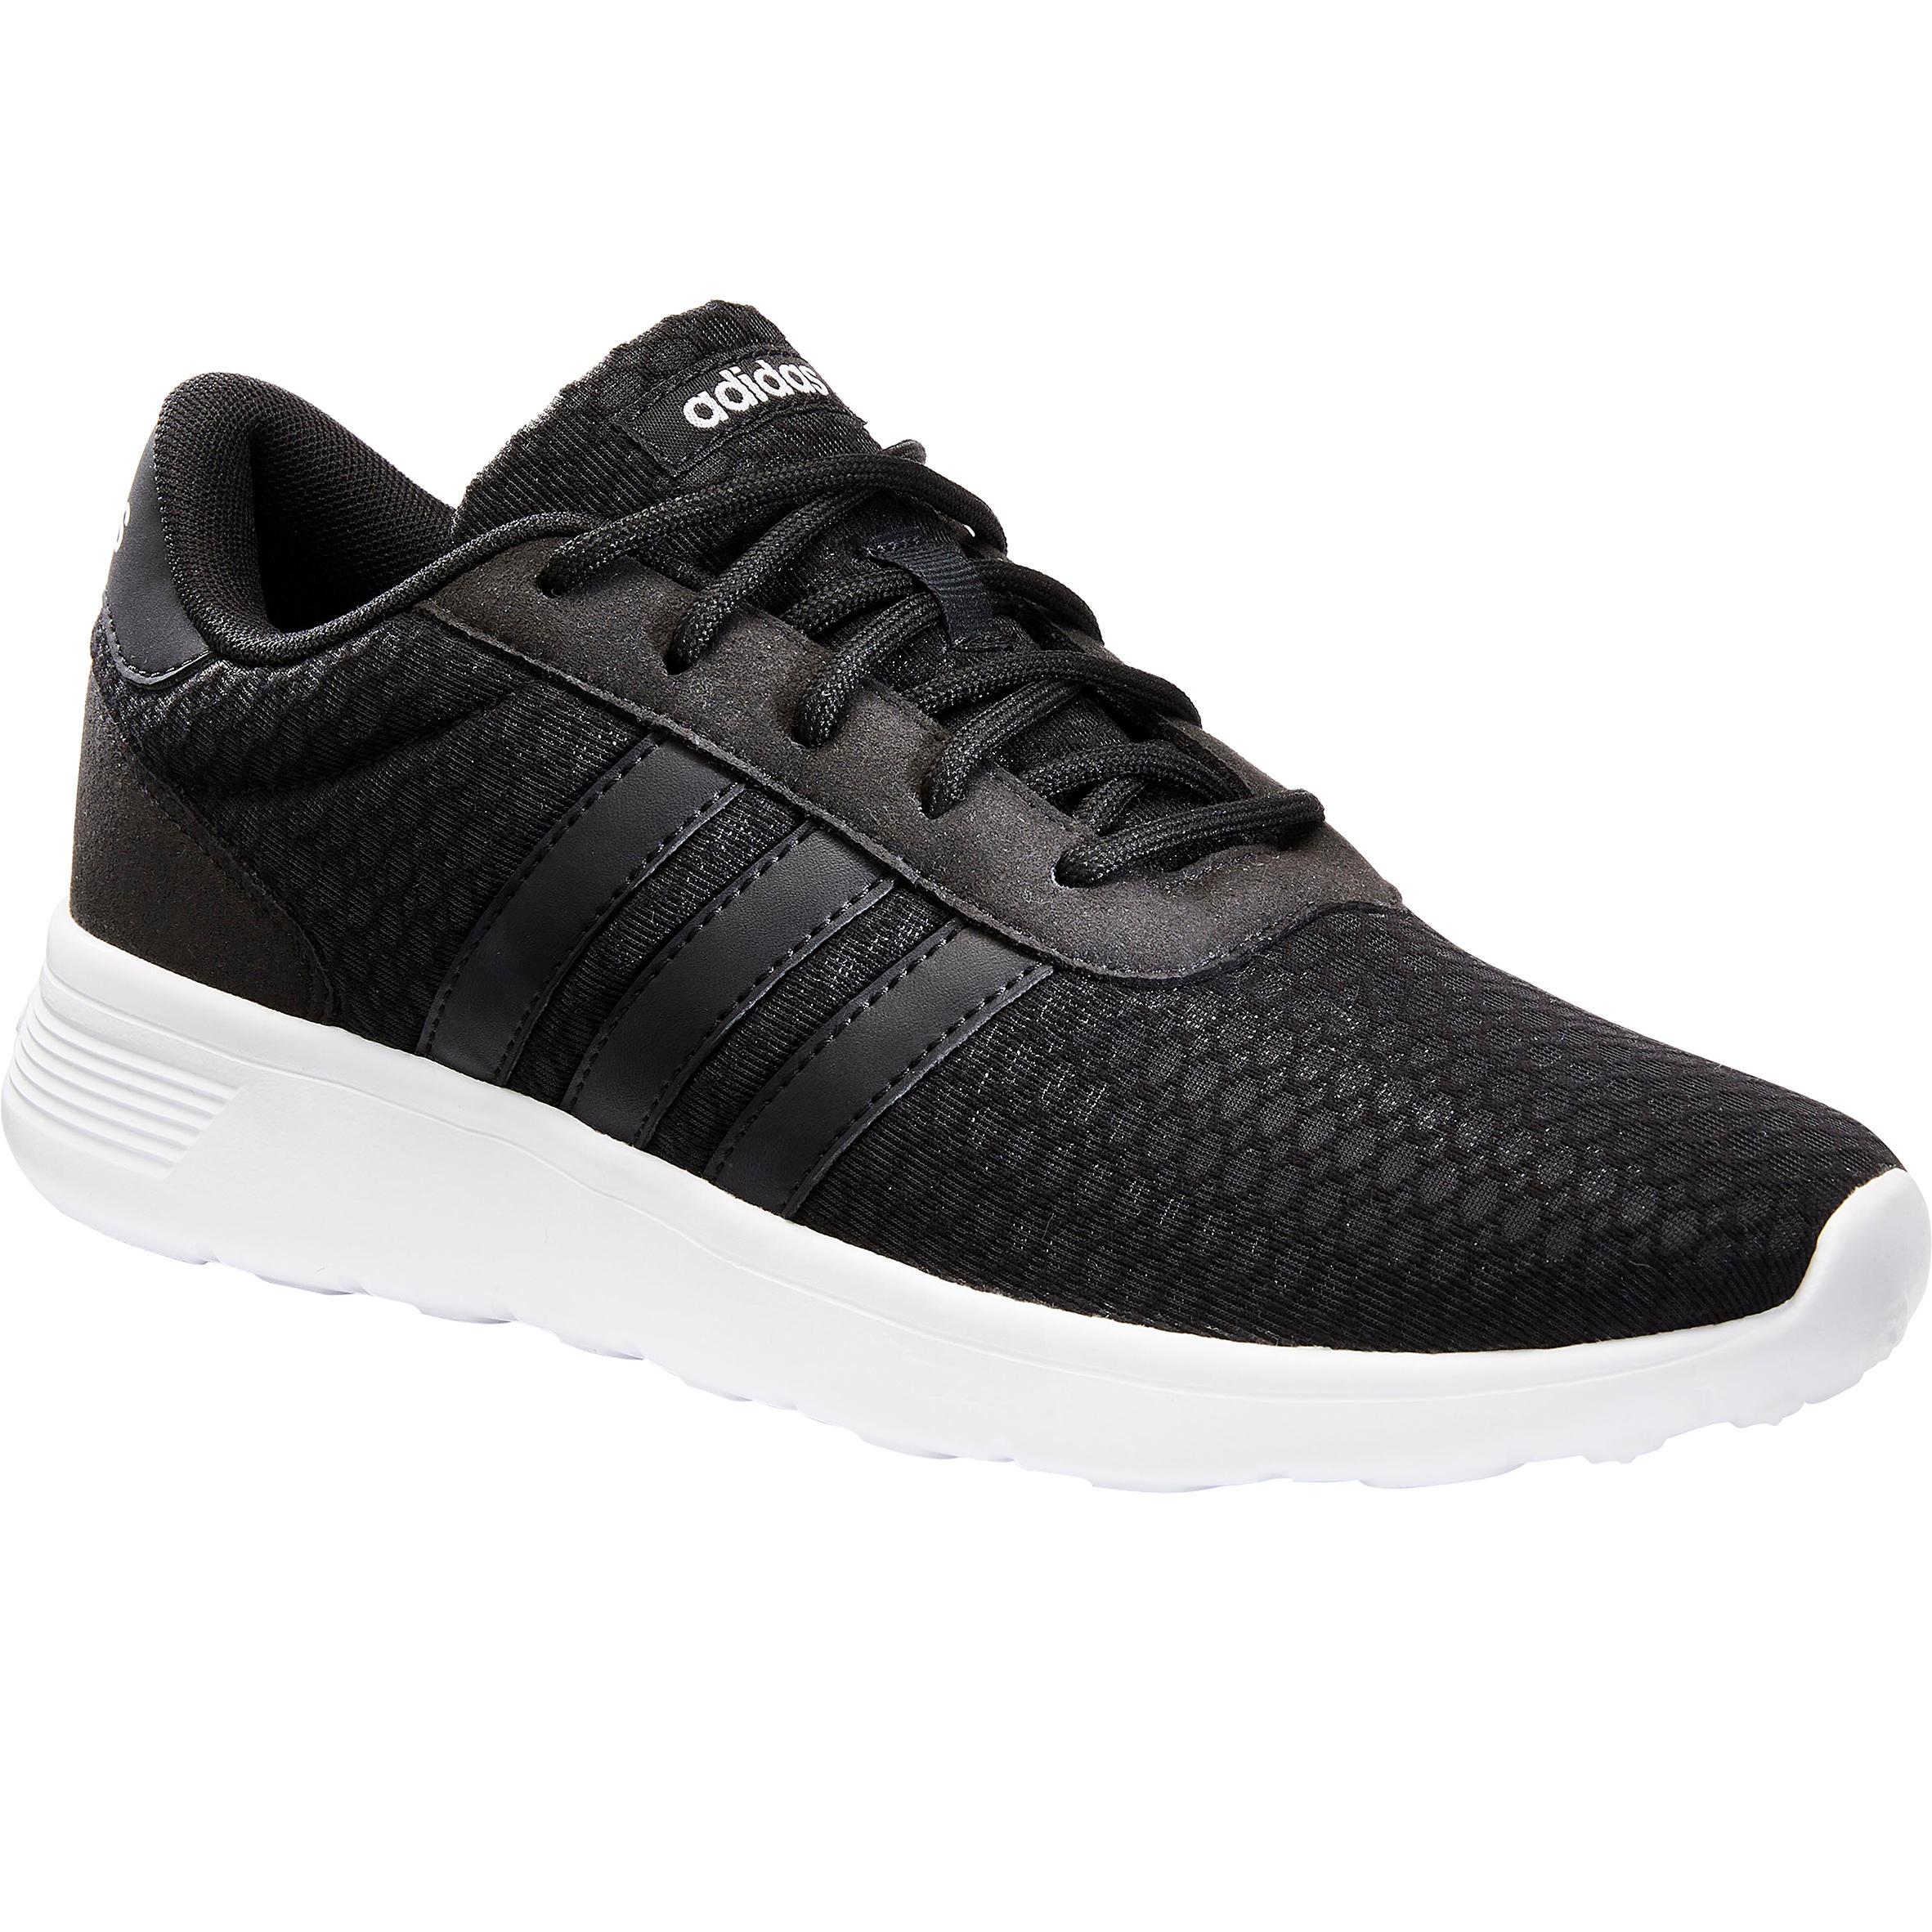 4567ef92a5fbd5 Adidas kopen?   Decathlon.nl